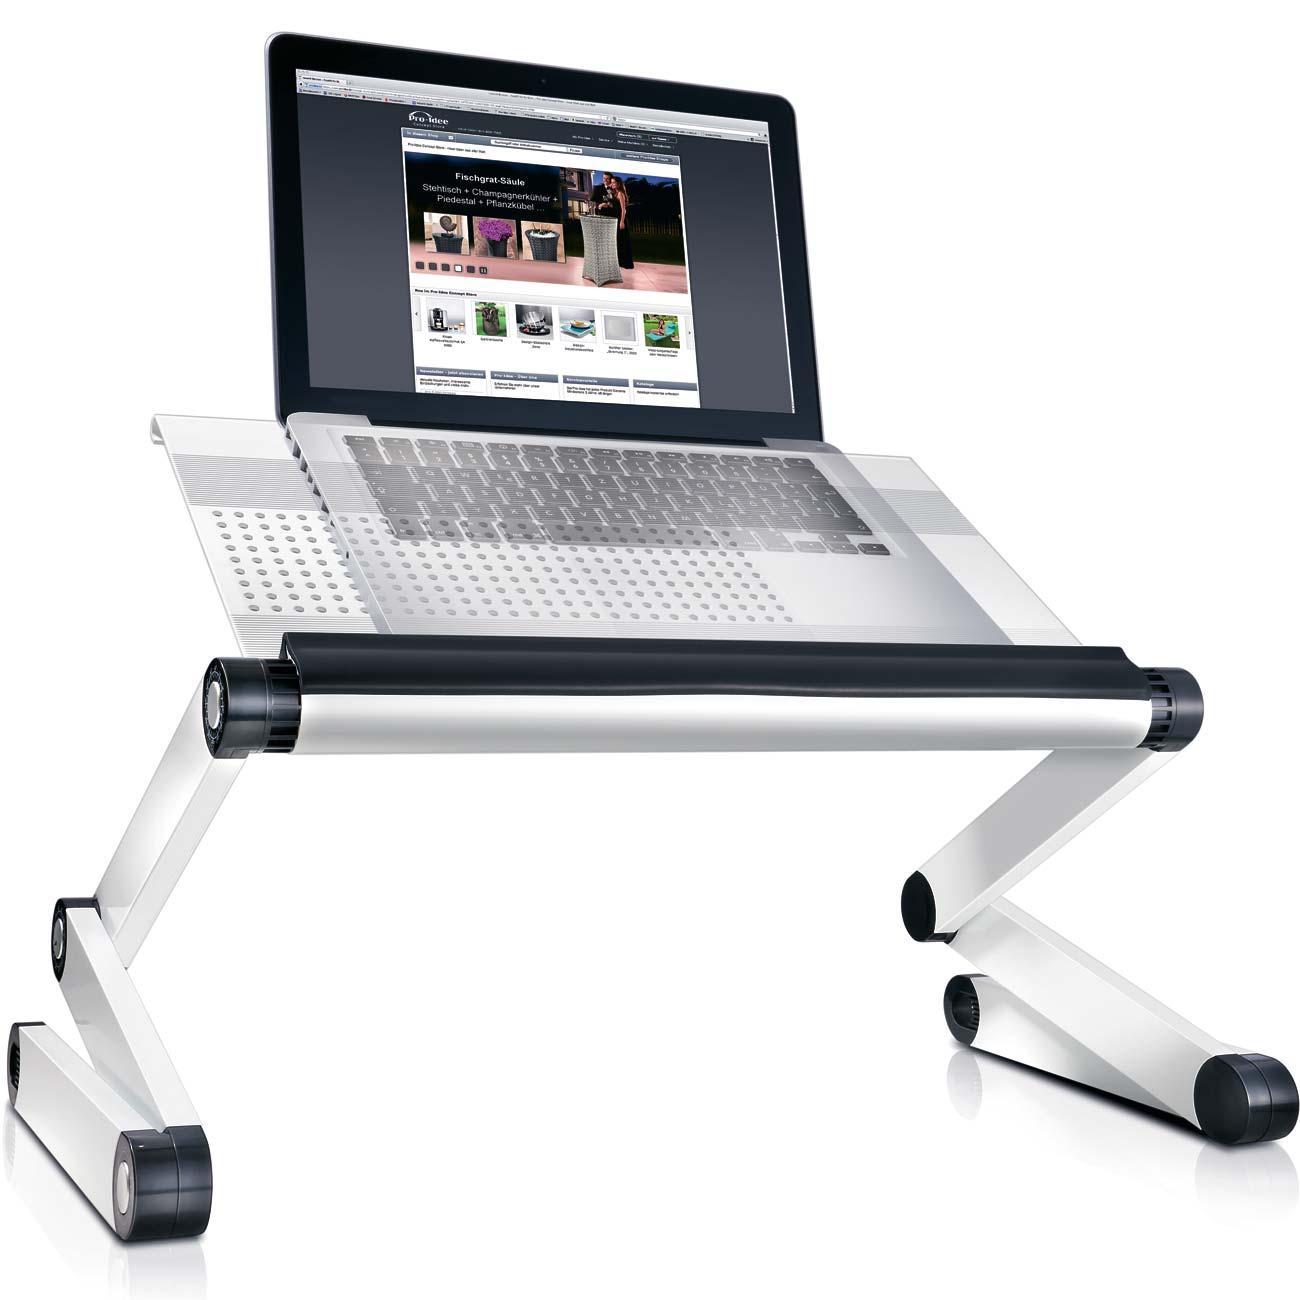 Vario laptoptisch f rs bett 3 jahre garantie pro idee for Beistelltisch usb